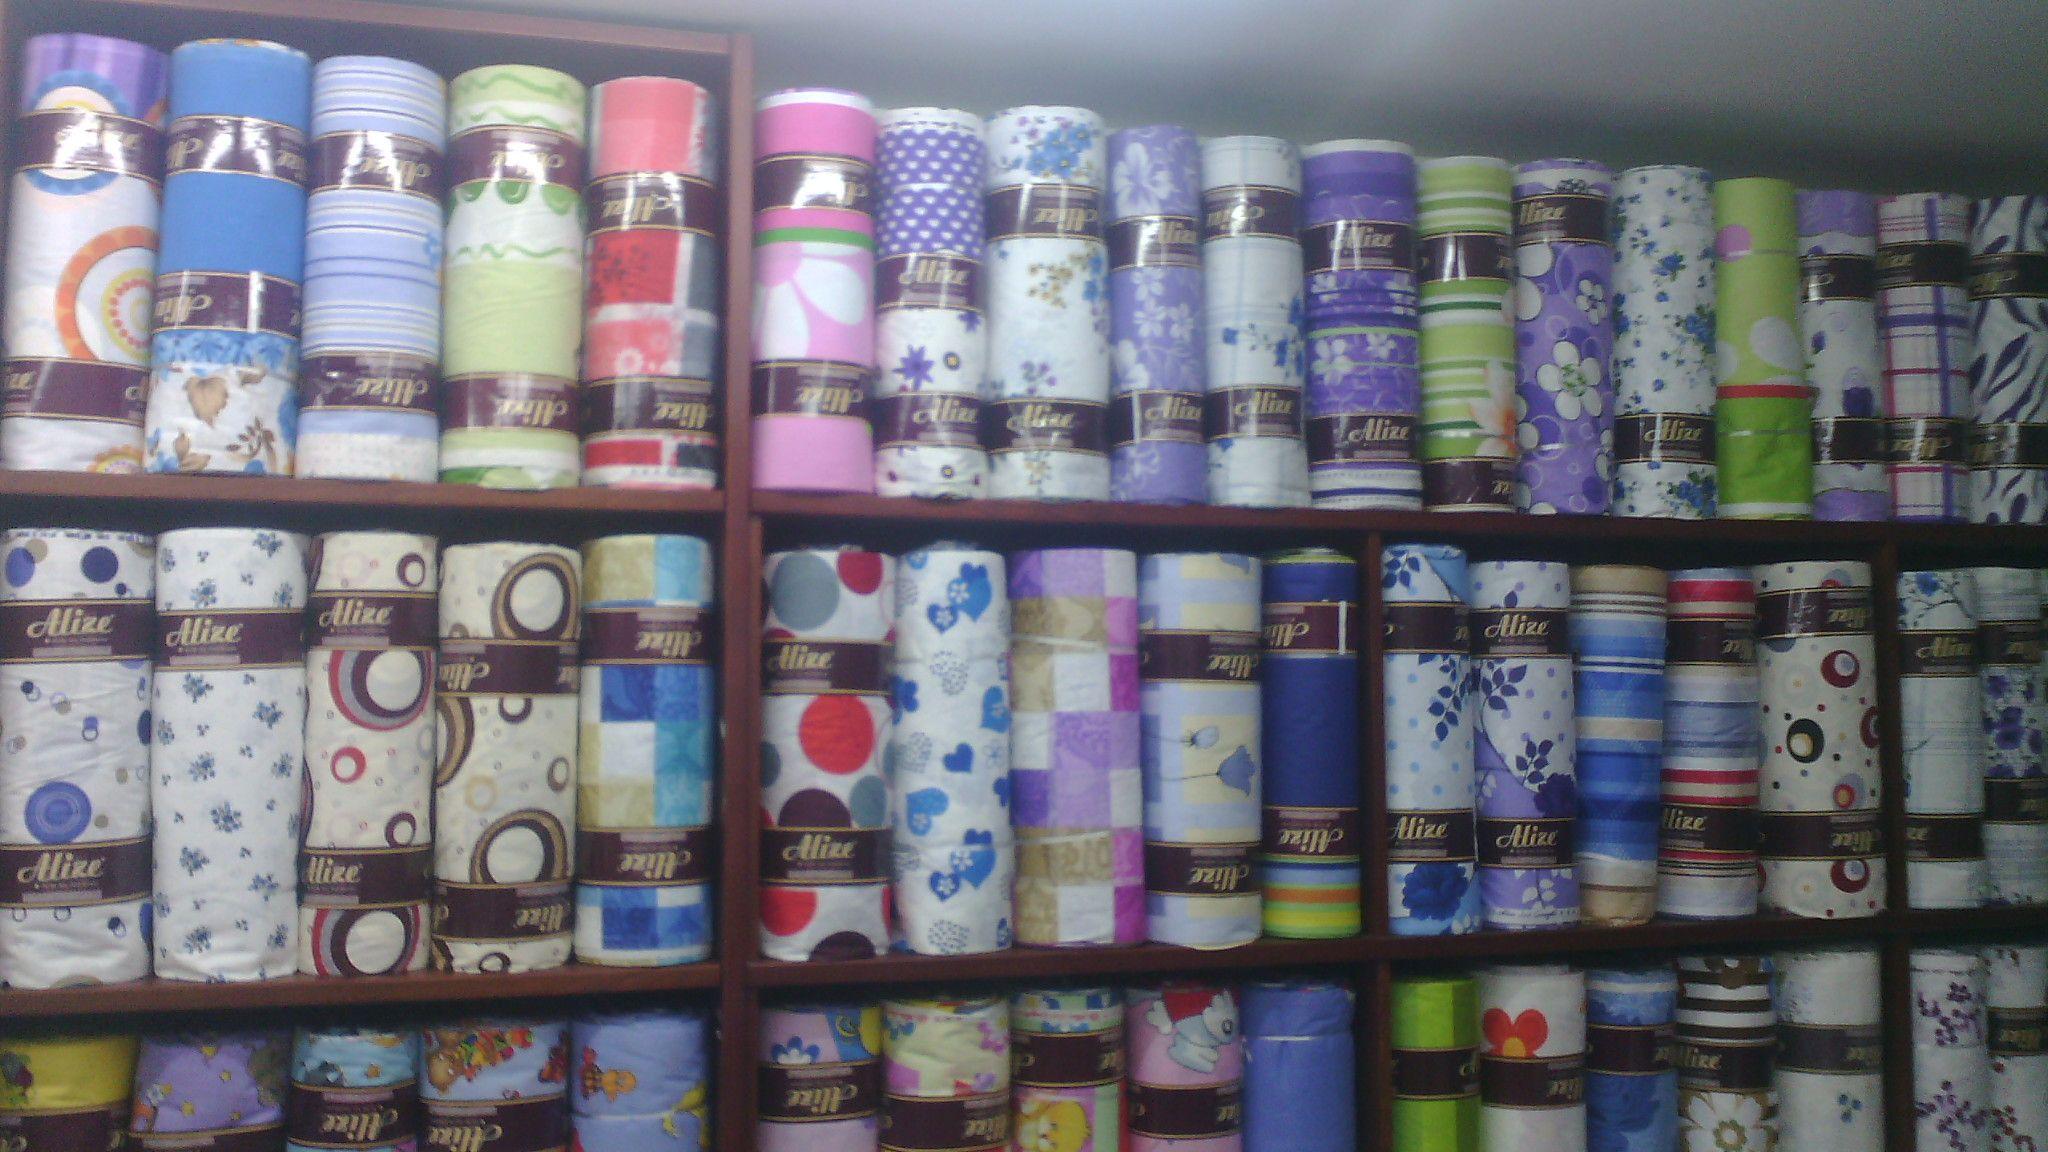 030a1148b8806 nevresimlik kumaşlar toptan imalattan satış tekstil firmaları. İLETİŞİM :  +90 538 411 72 70